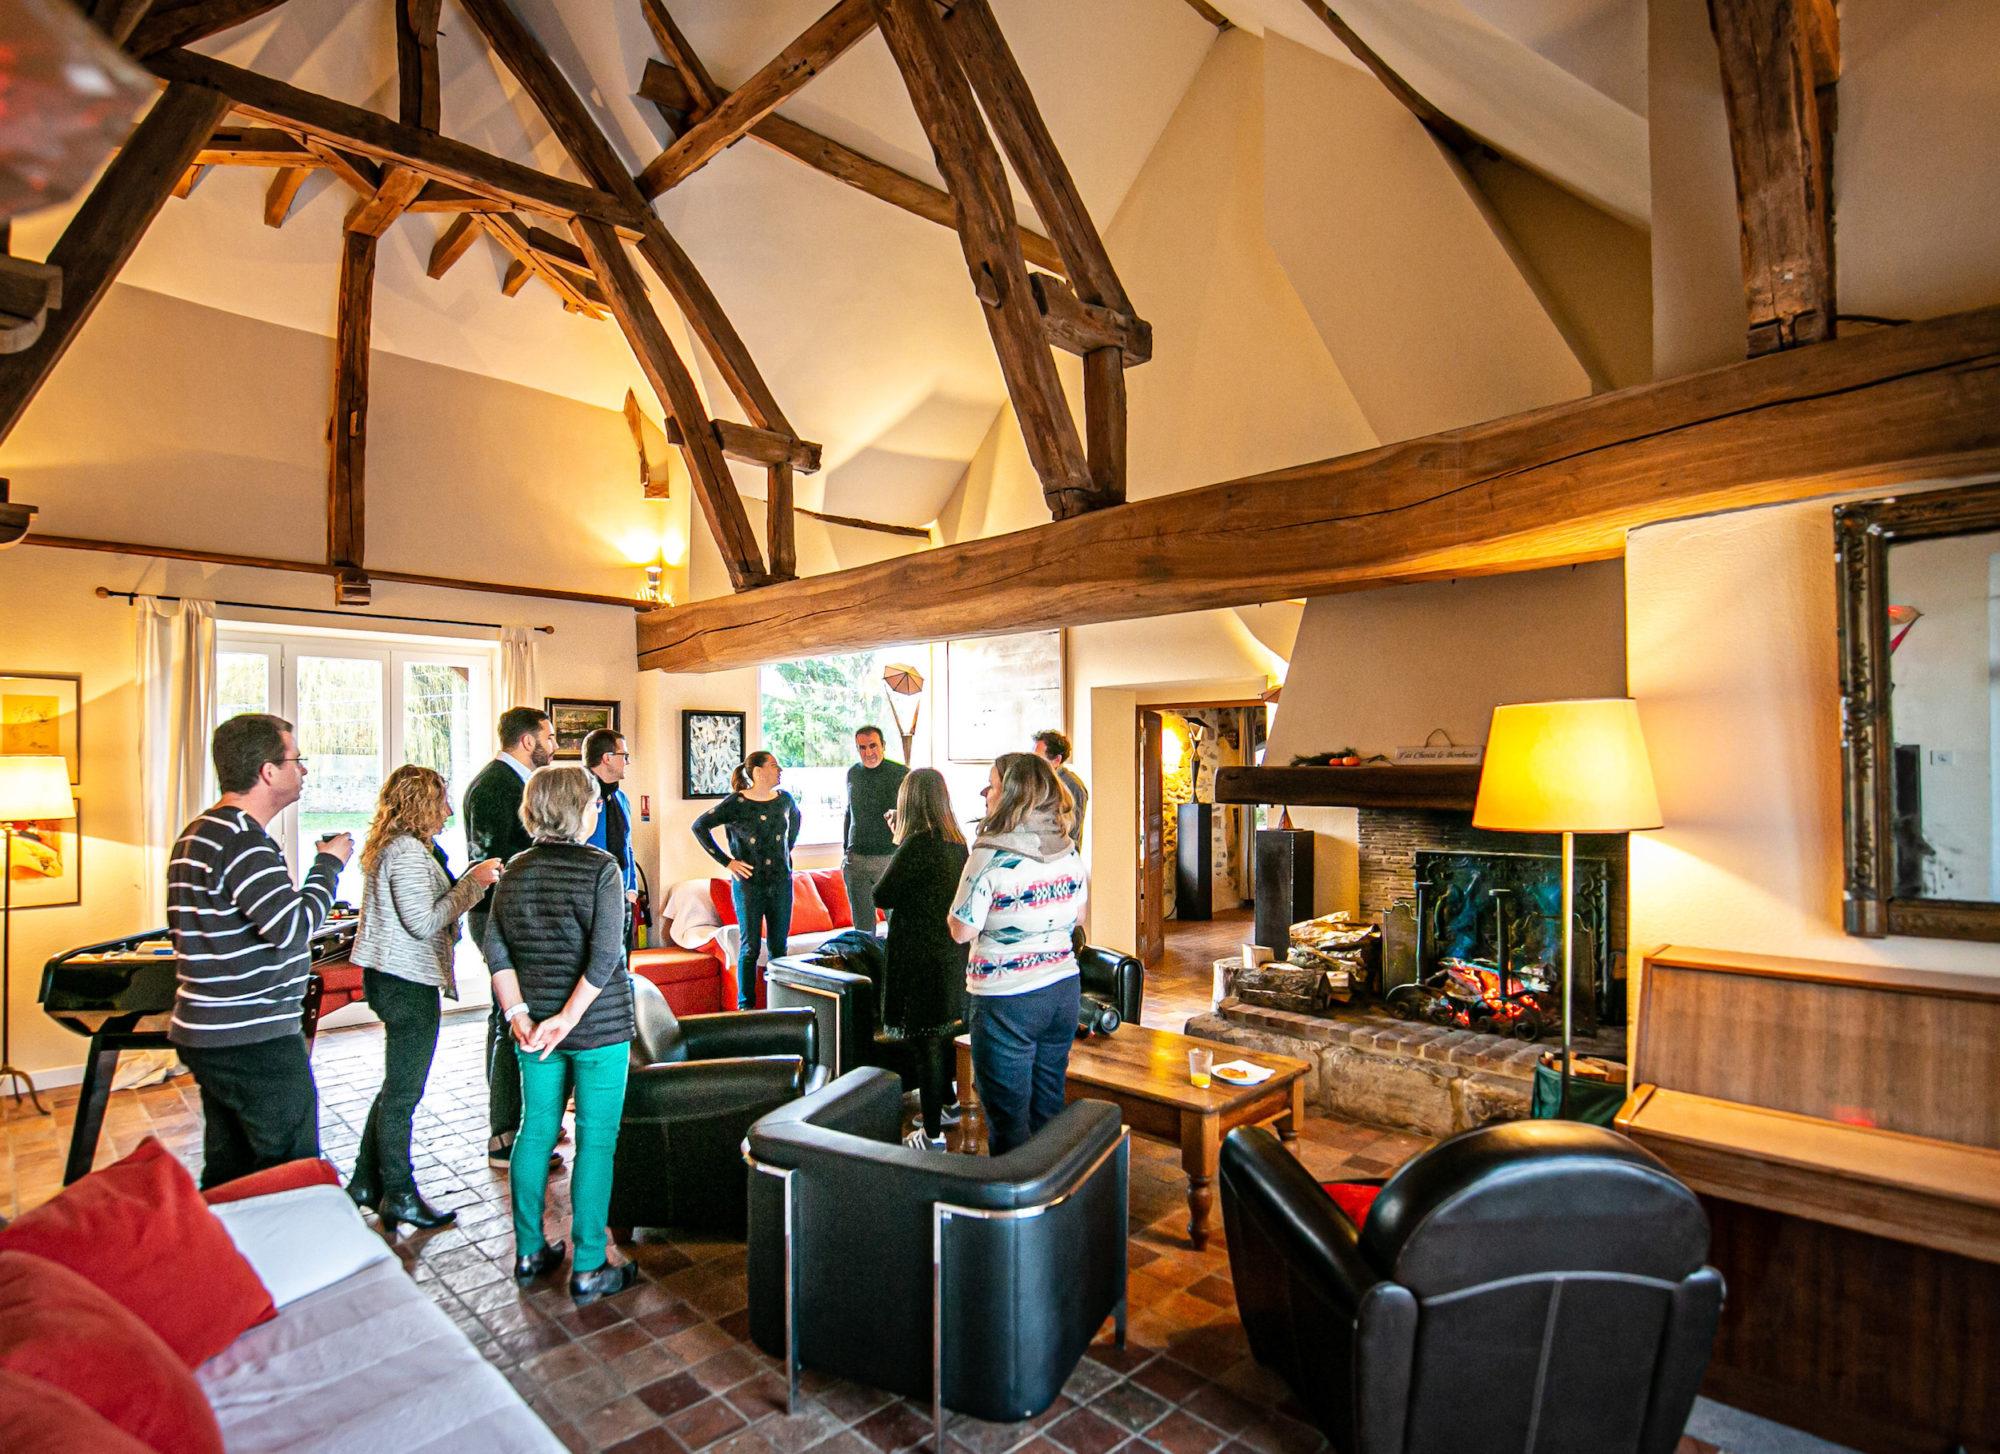 Séminaire au vert activité cohésion réunion teambuilding dans le salon de La Thibaudière par Clapinstant